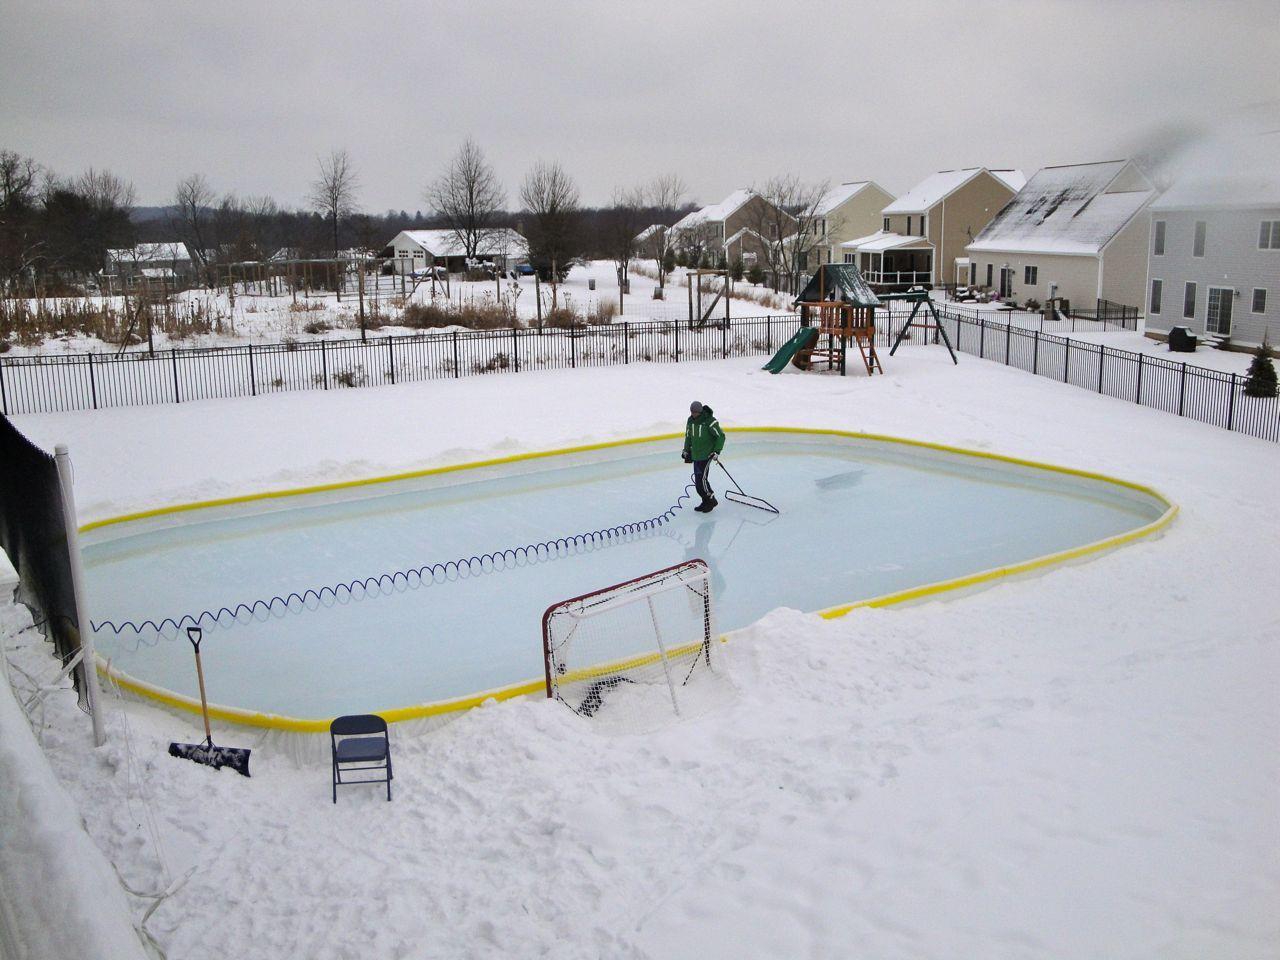 52 Niceice Resurfacer Backyard Ice Rink Backyard Hockey Rink Backyard Rink Backyard skating rink kit canada